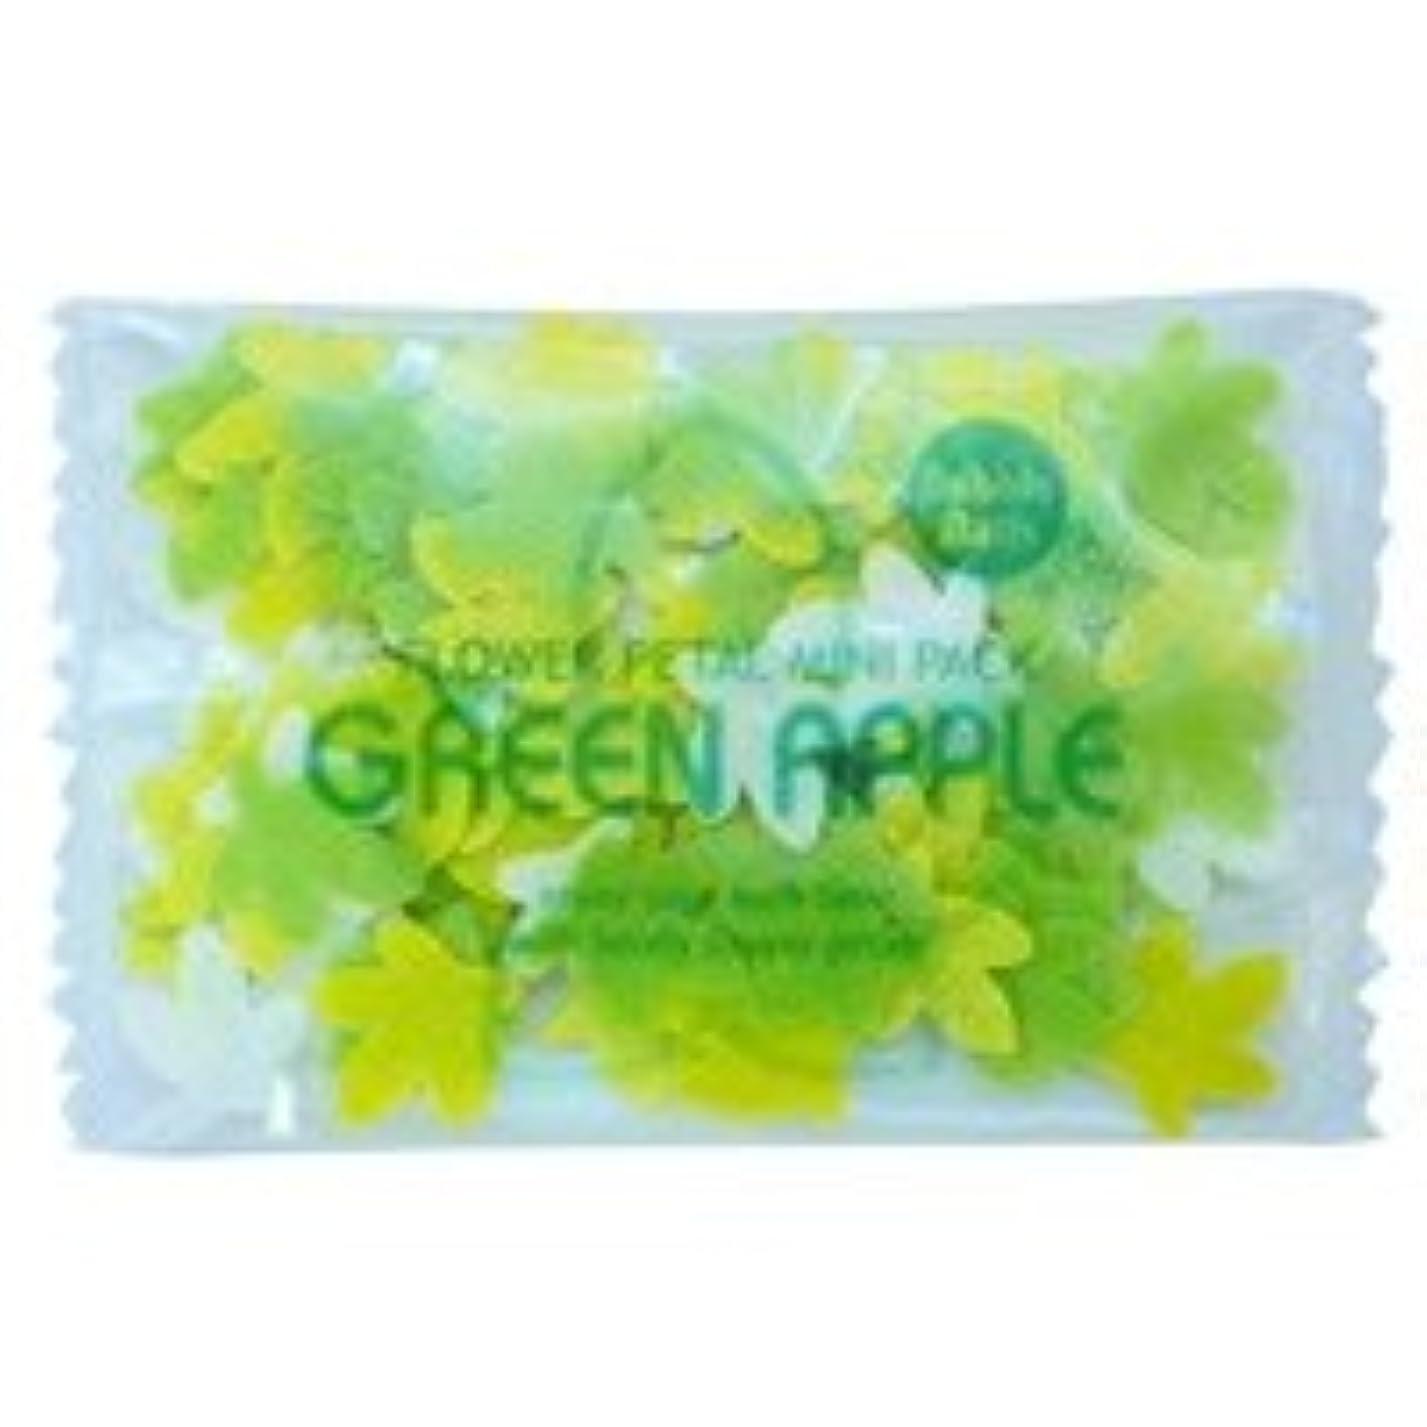 弾薬経歴農奴フラワーペタル バブルバス ミニパック「グリーンアップル」20個セット ストレスから解放されたい日に疲れた心を解きほぐしてくれるフレッシュなグリーンアップルの香り